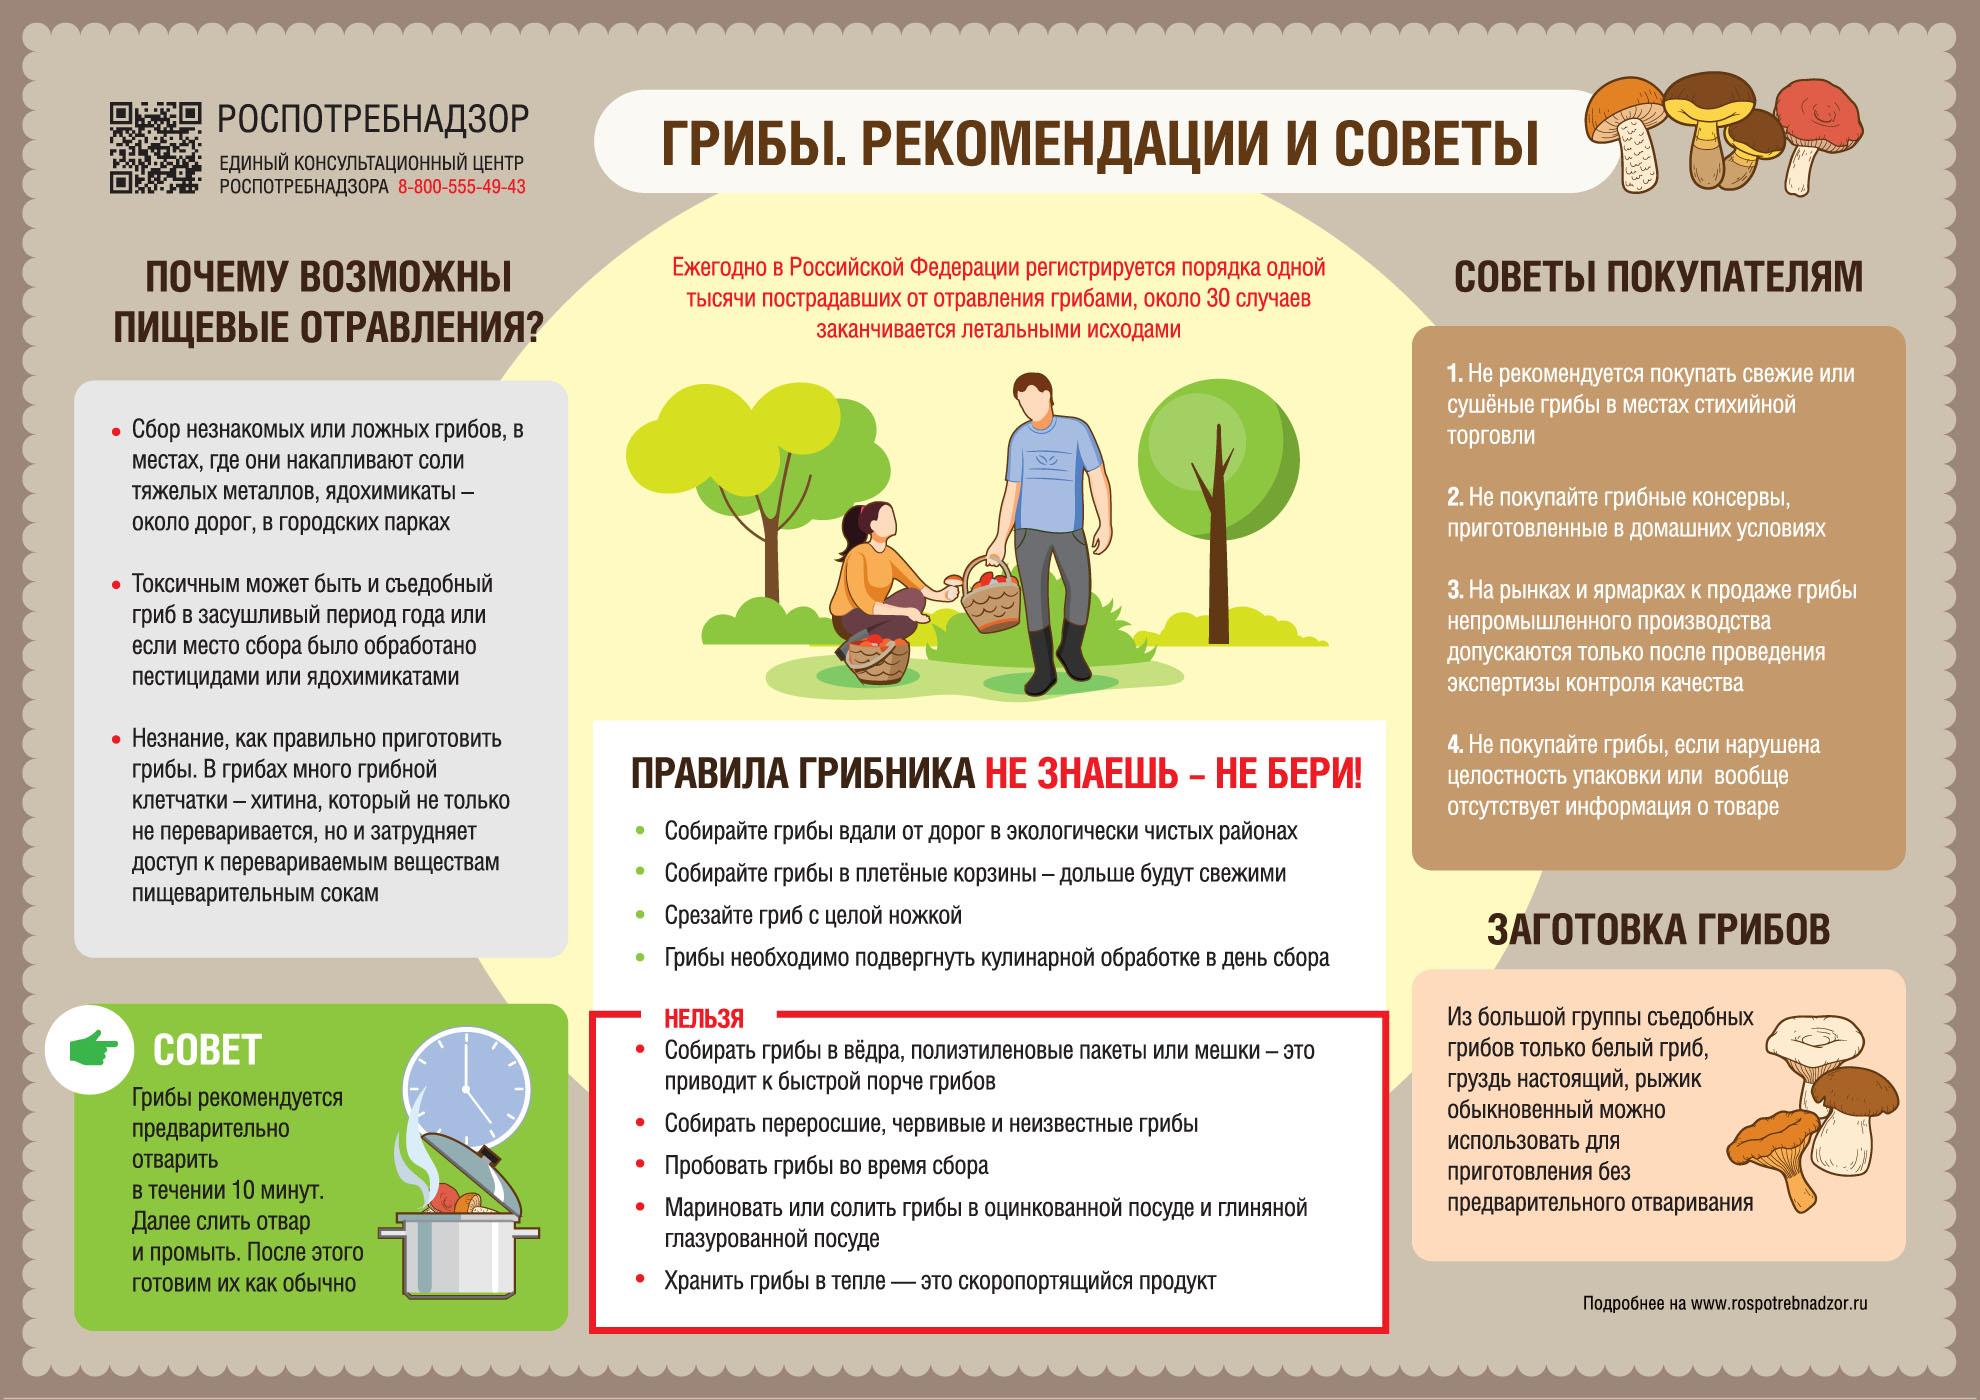 О рекомендациях как выбирать и готовить грибы